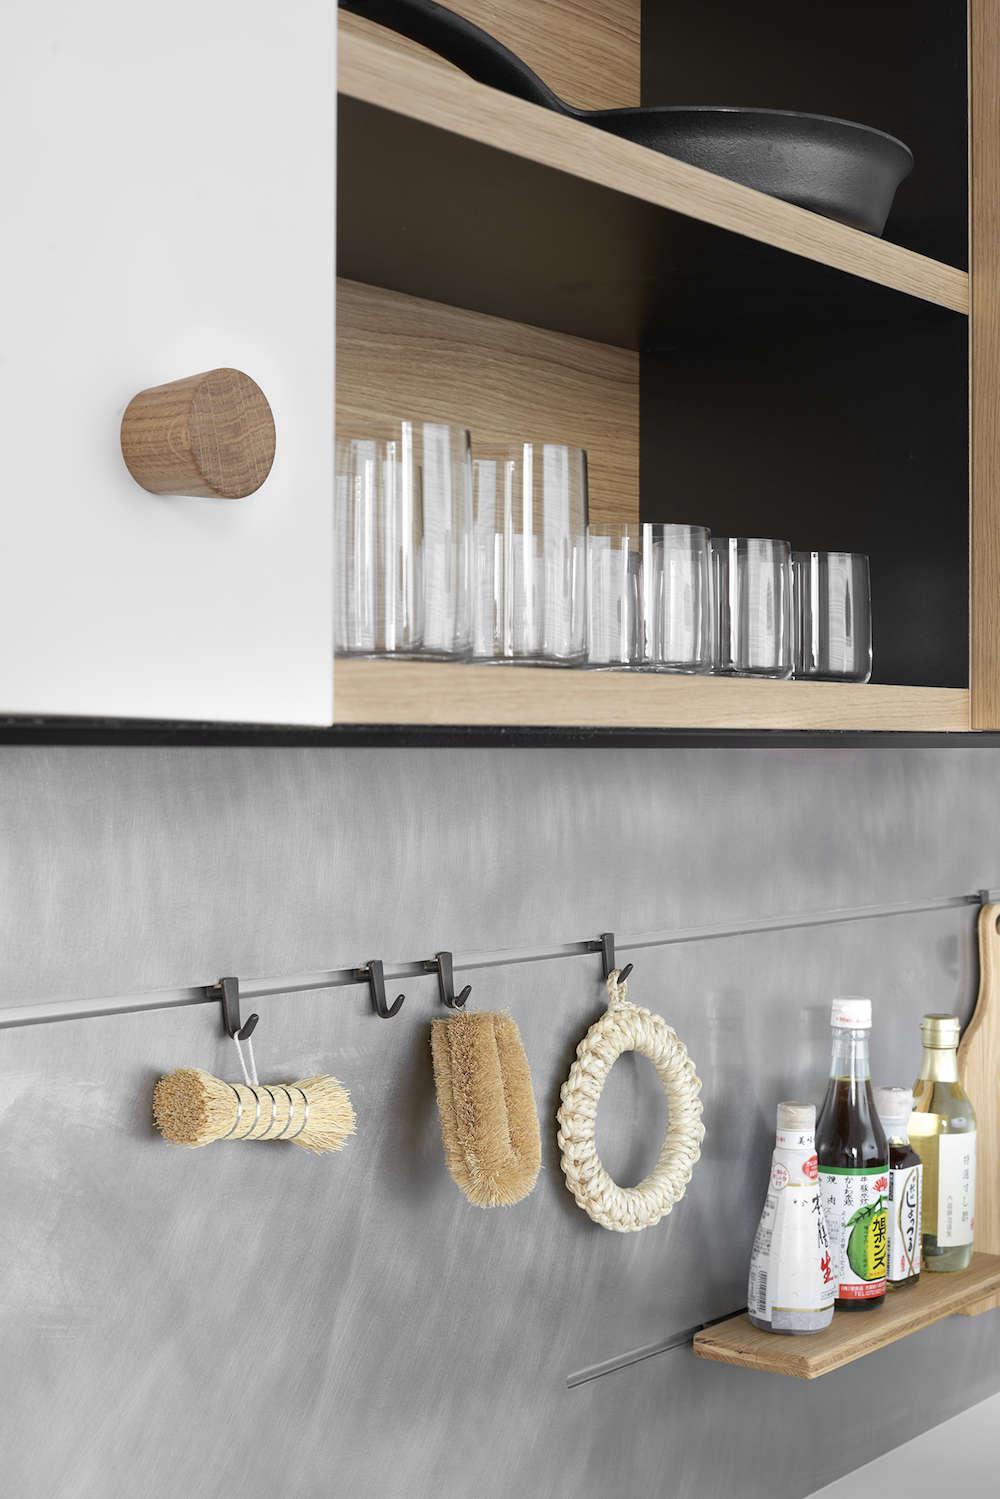 jasper morrison schiffini kitchen remodelista 10 13